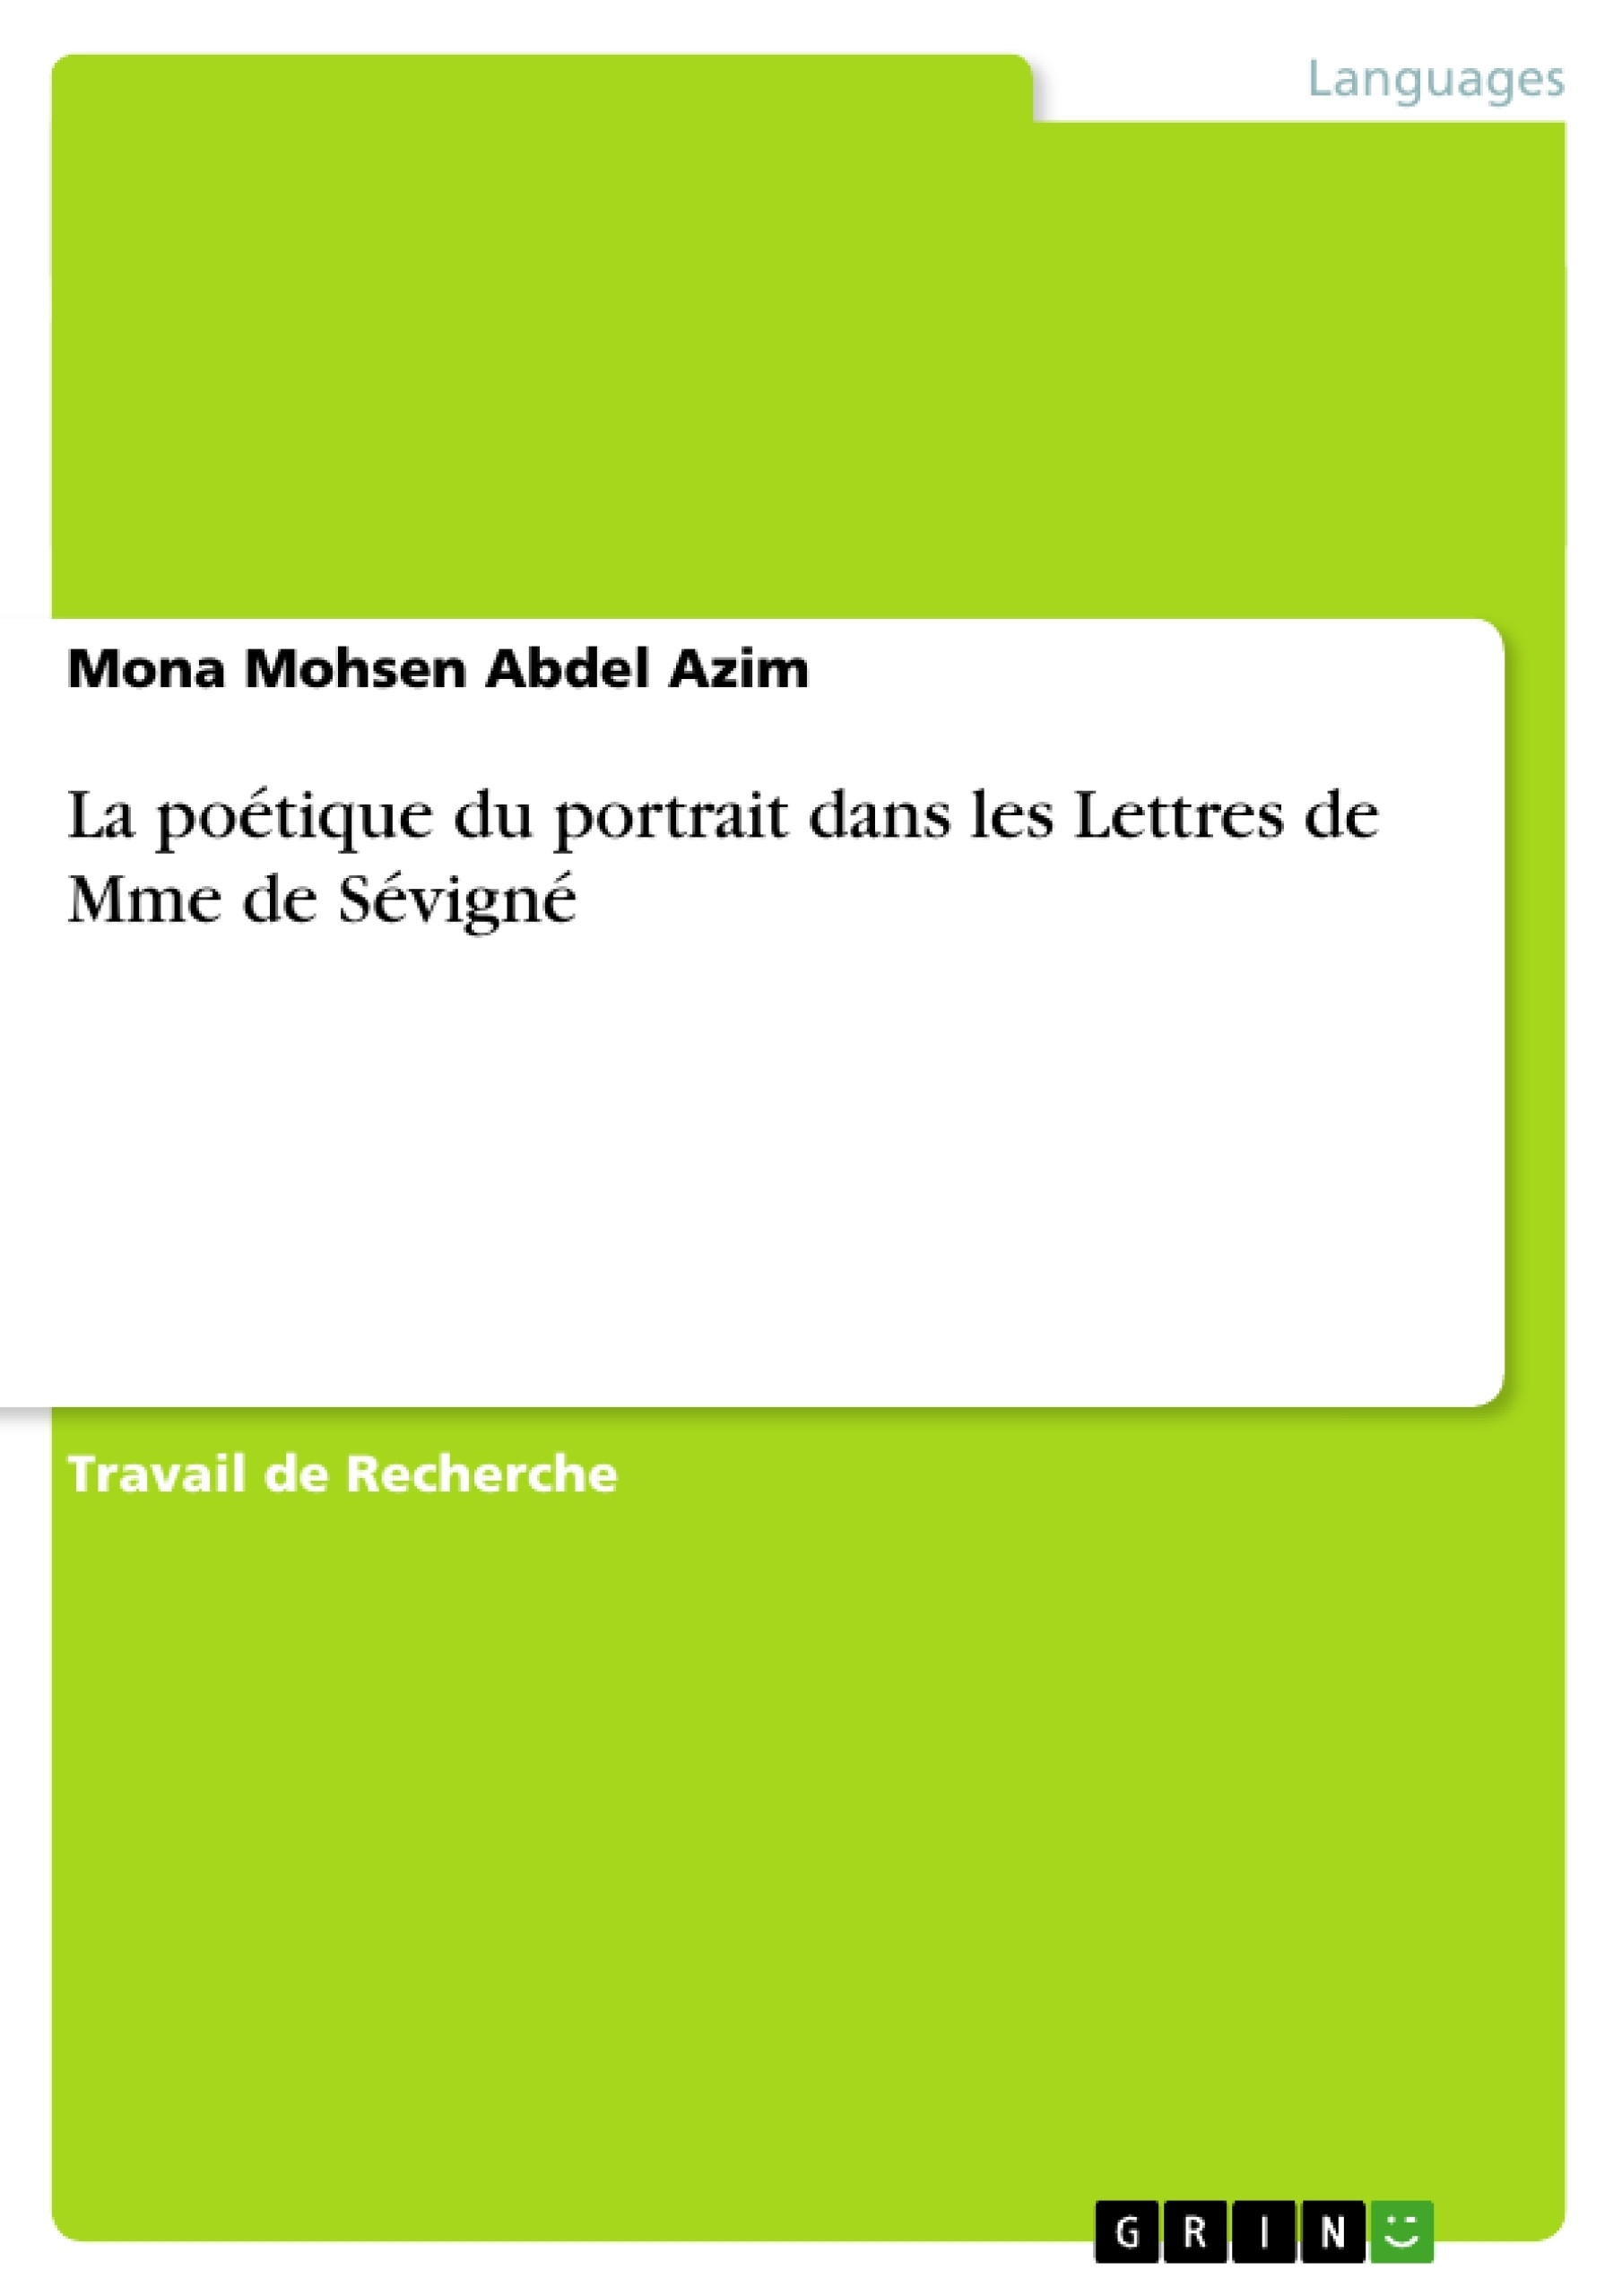 Titre: La poétique du portrait dans les Lettres de Mme de Sévigné